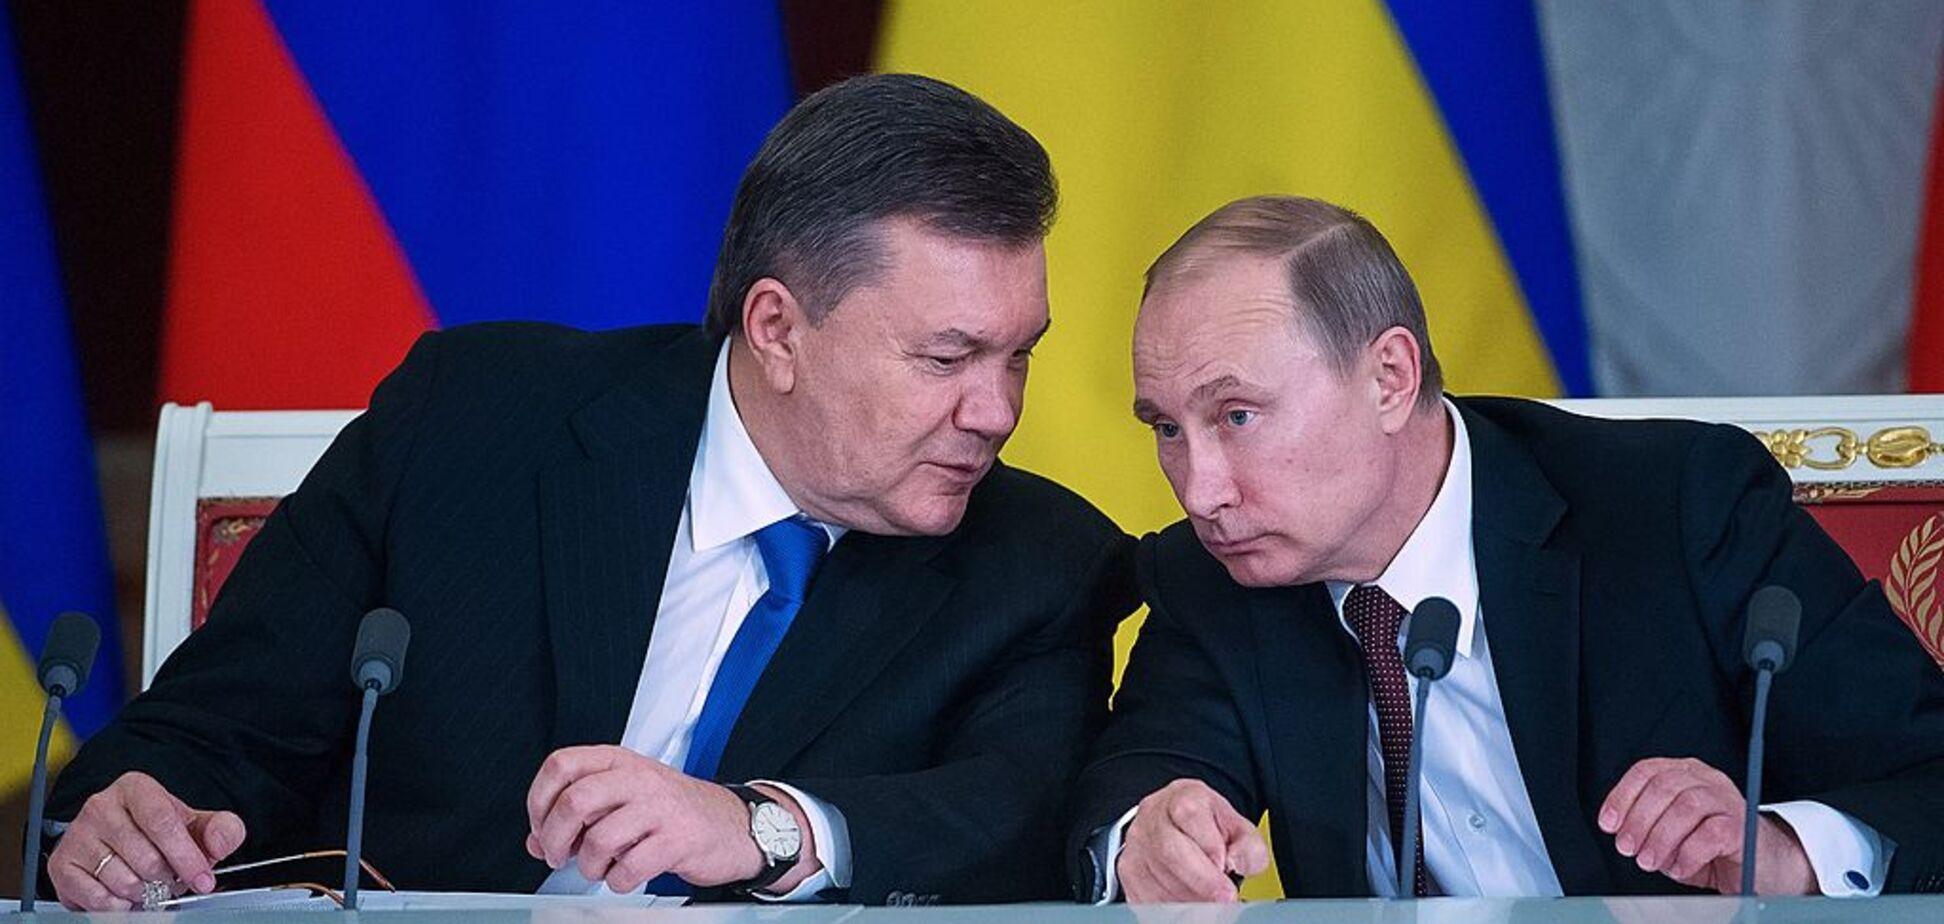 Ловушка Путина: в США рассказали об опасностях введения миротворцев на Донбасс